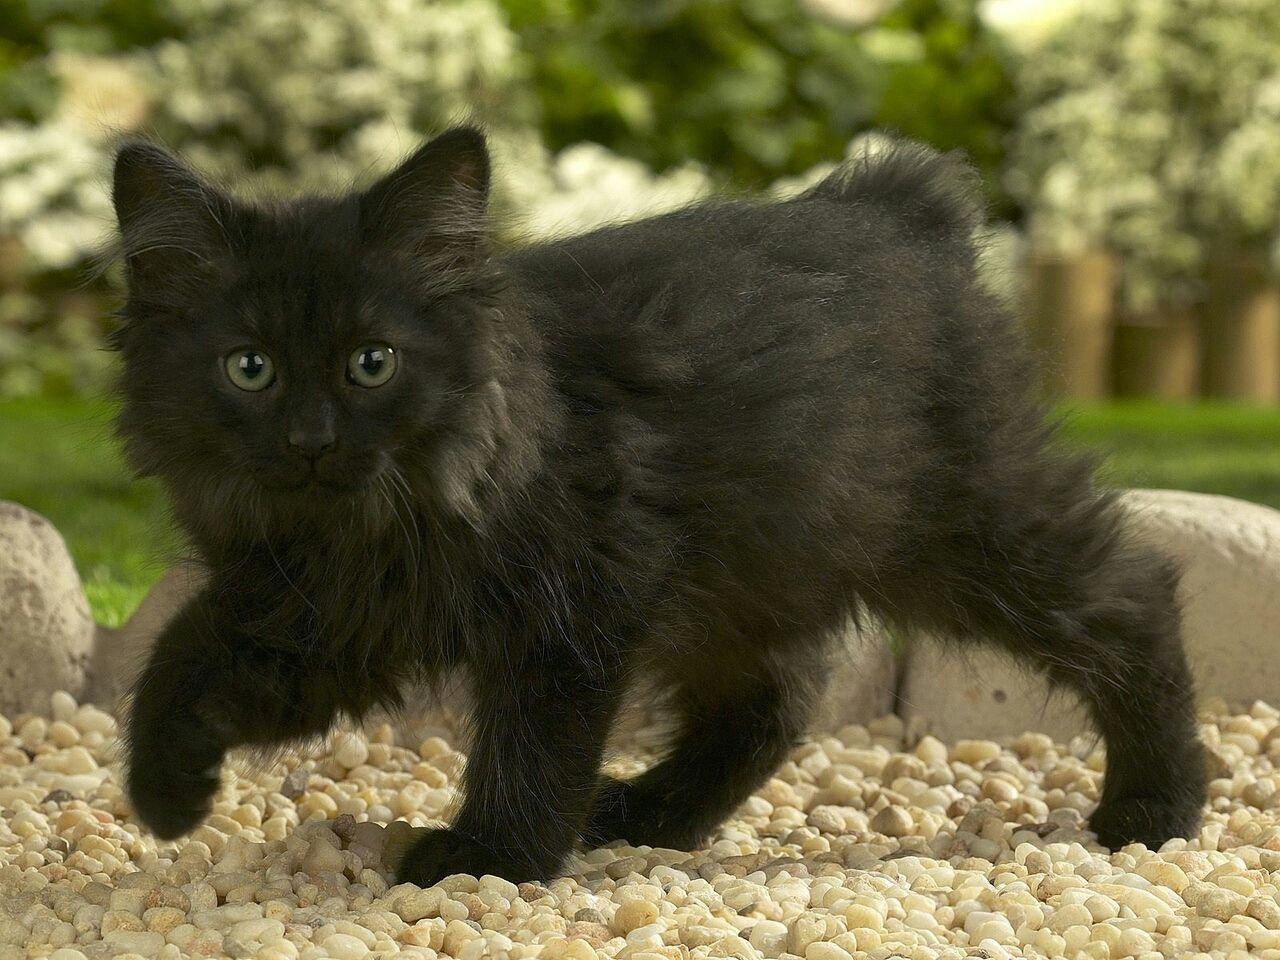 For Robert Bobbed Tailed Cat Norwegian Forest Cat Manx Kittens Black Norwegian Forest Cat